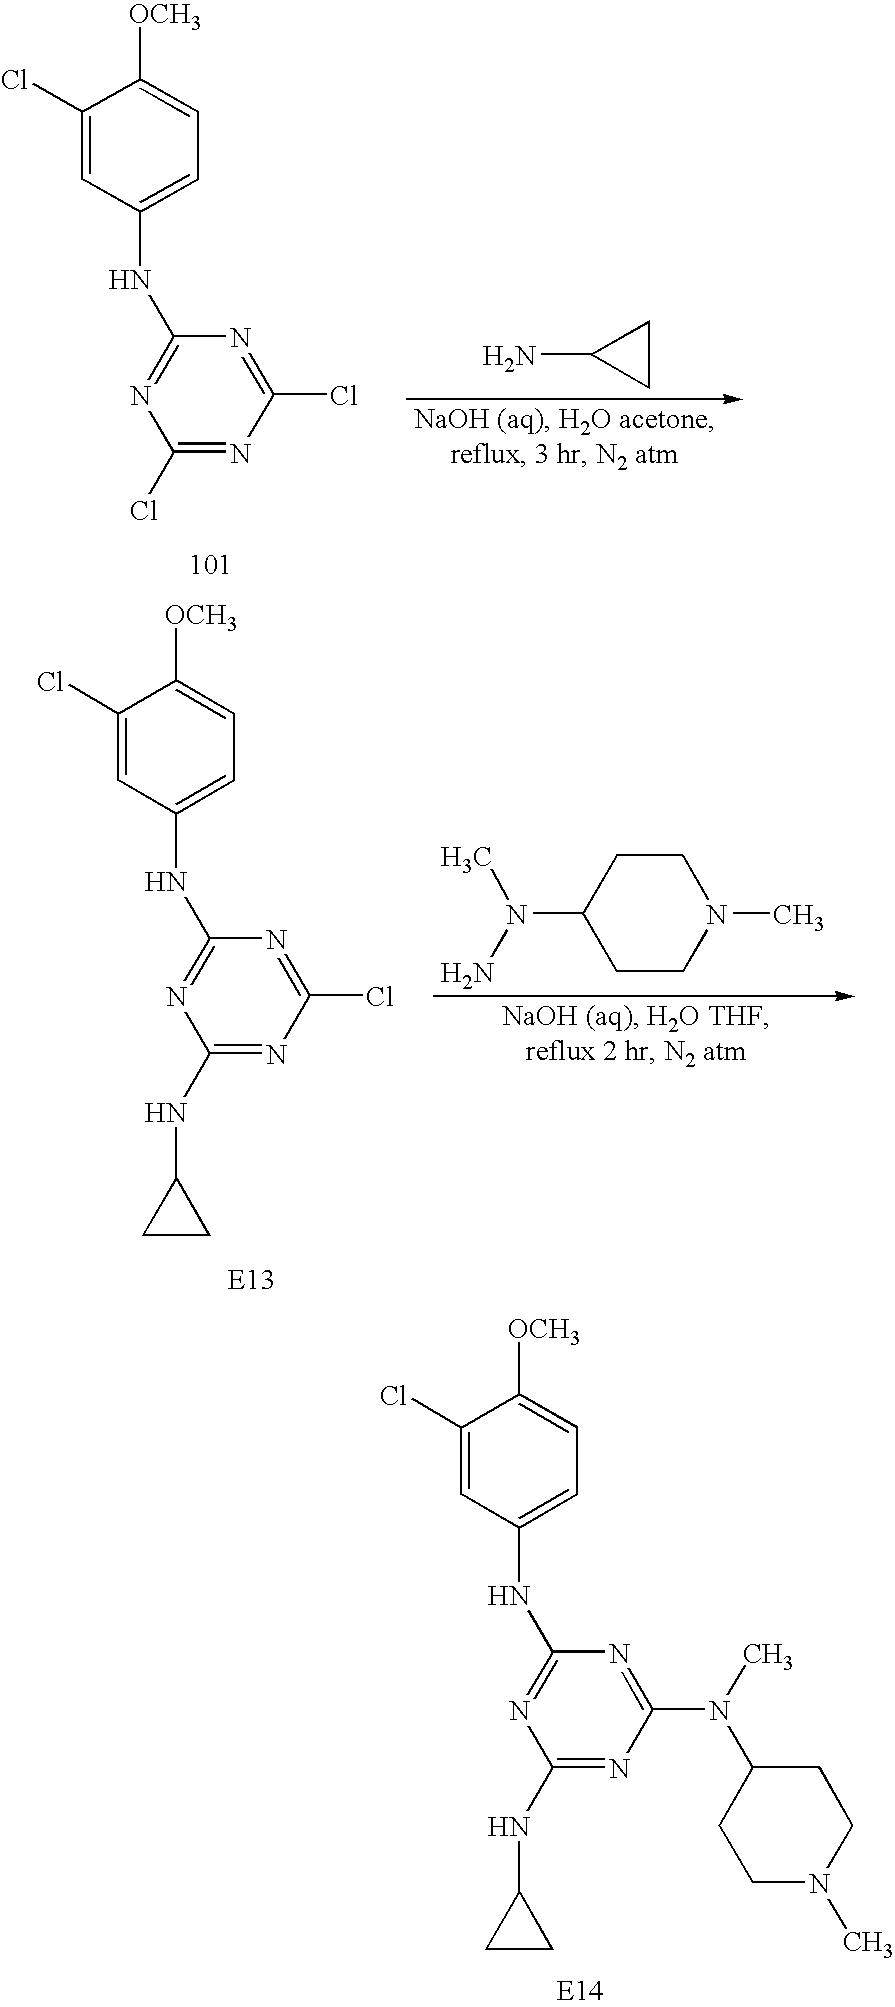 Figure US20050113341A1-20050526-C00207